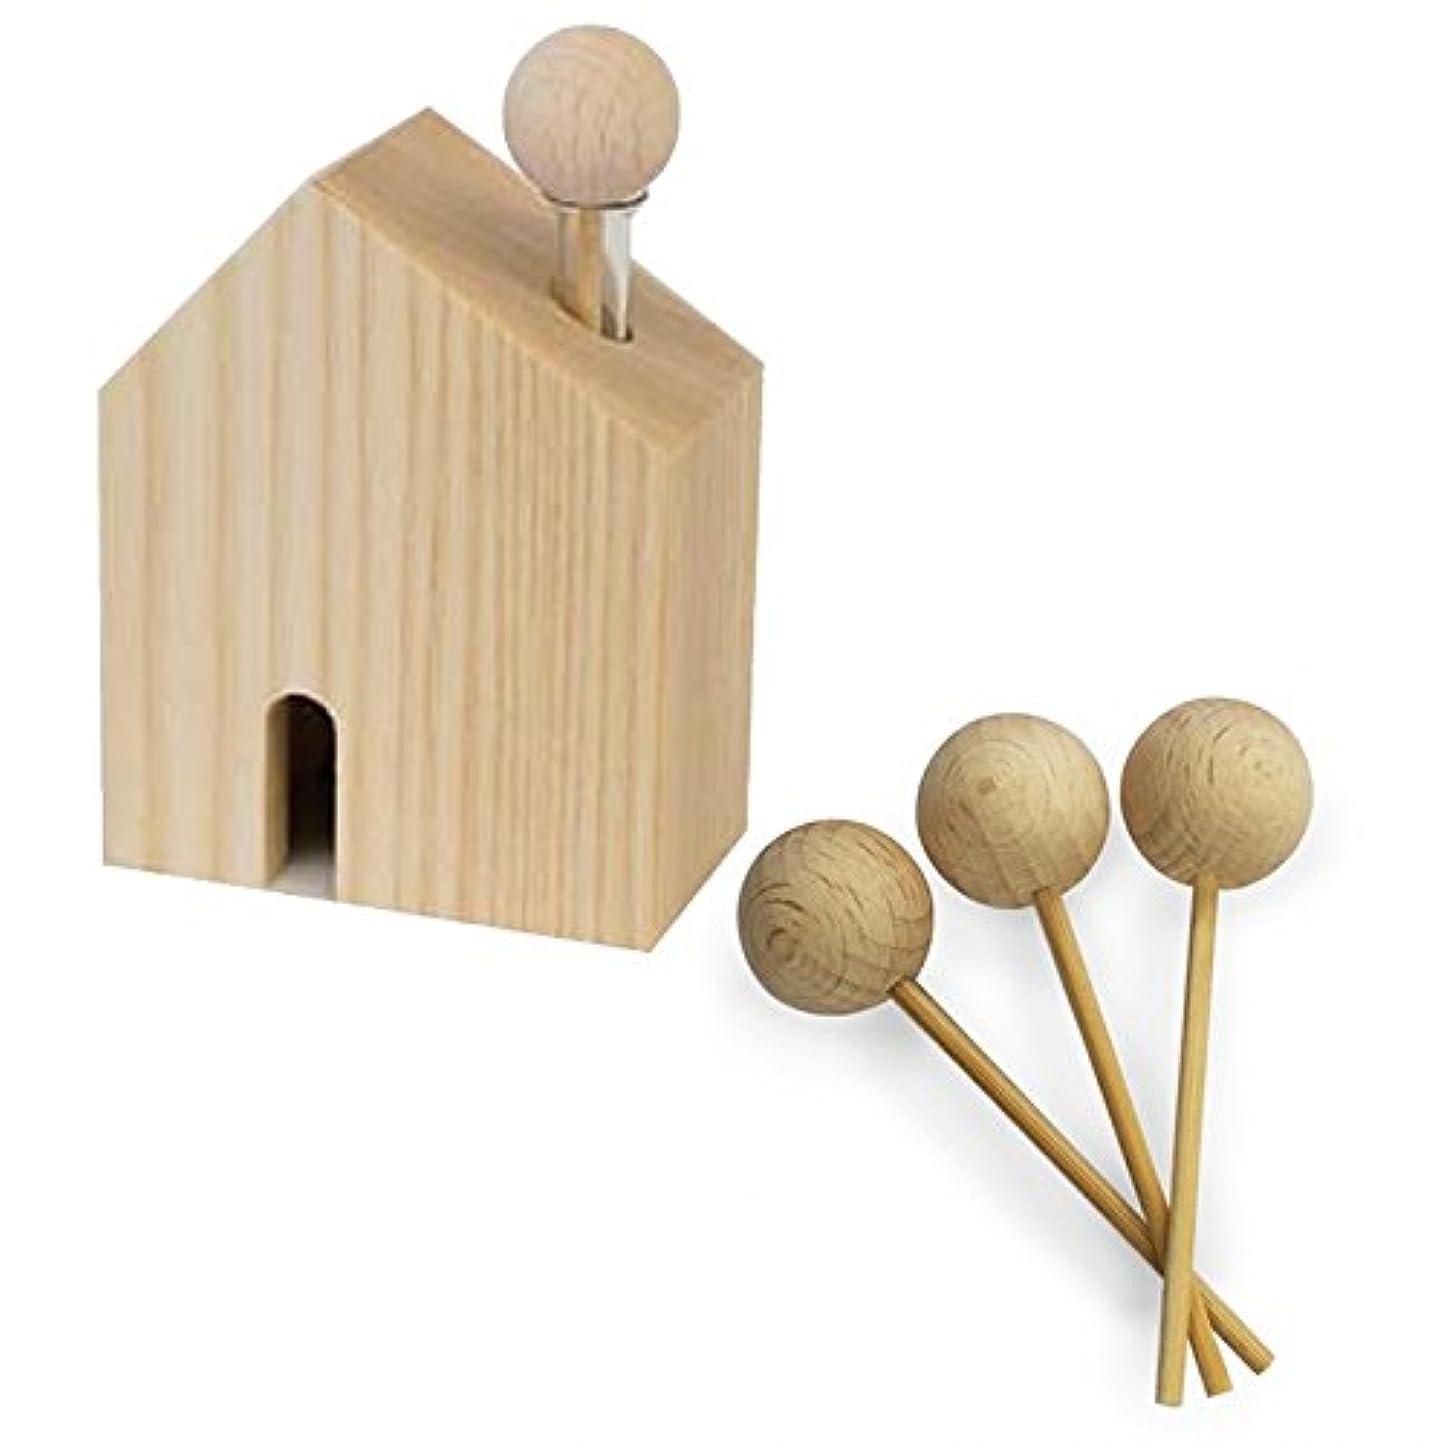 倉庫ディスコ誰かHARIO ハリオ アロマ芳香器 木のお家 交換用木製スティック3本付